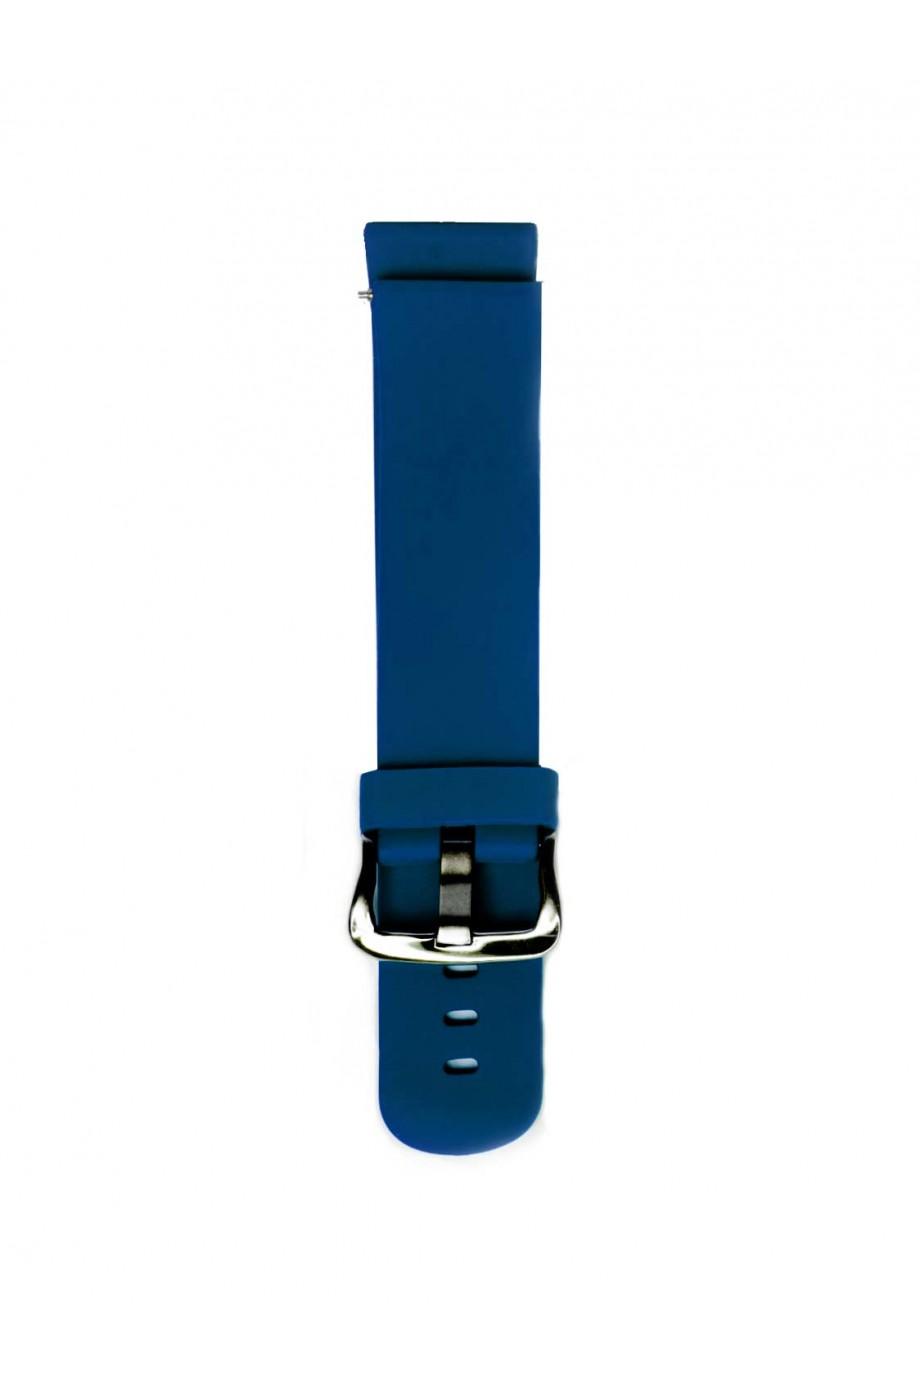 Силиконовый ремешок для Amazfit Stratos 2s, 22 мм, темно-синий, mc-03